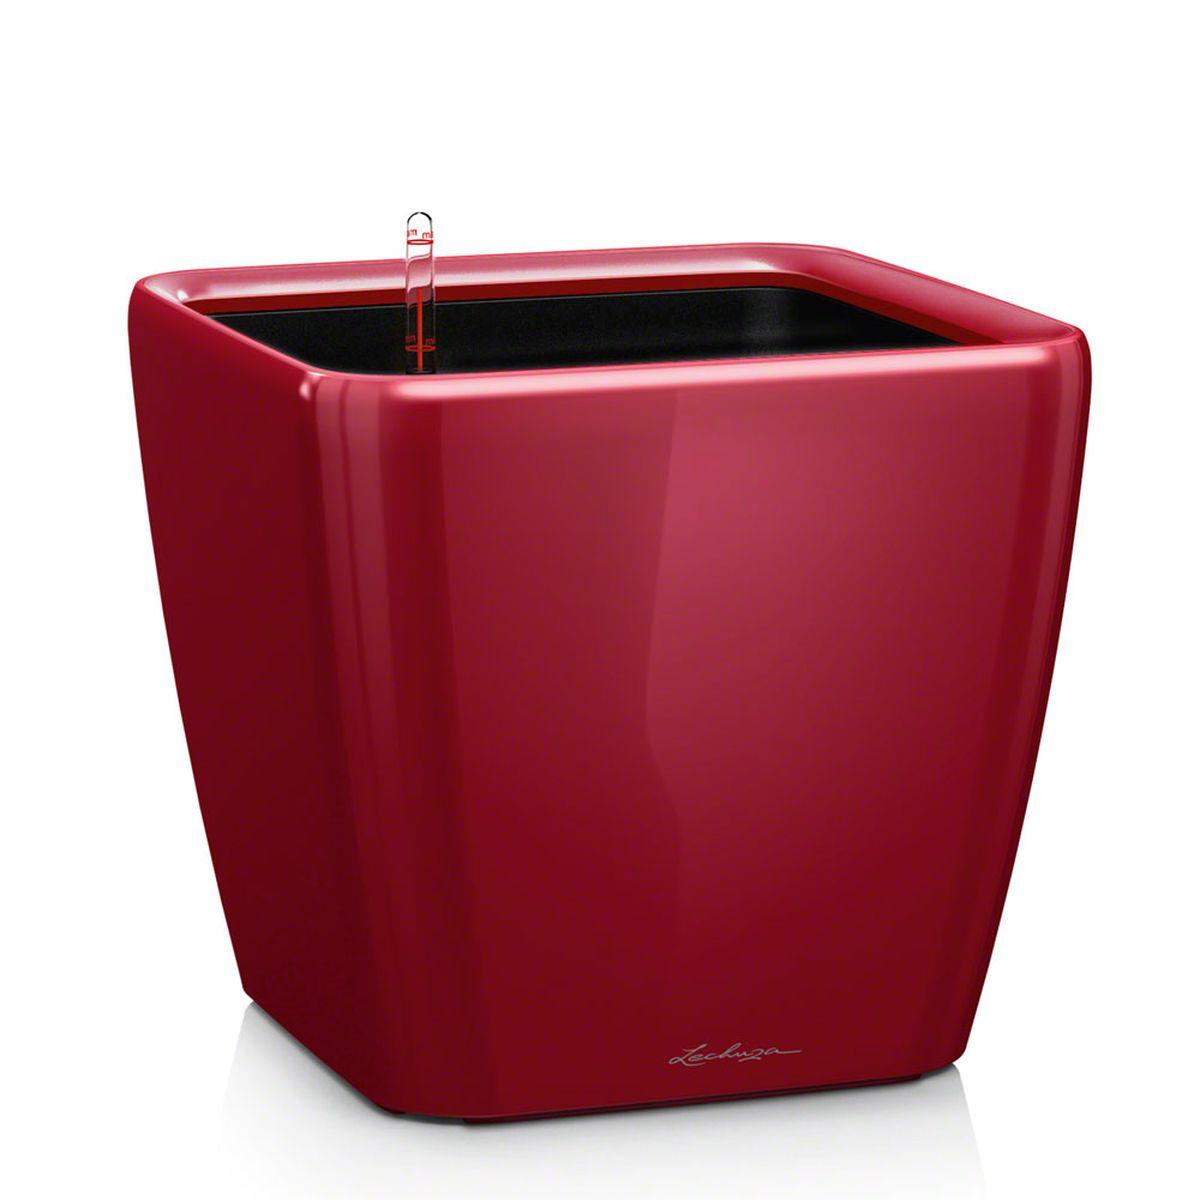 Кашпо Lechuza Quadro, с системой автополива, цвет: красный, 43 х 43 х 40 см16187Кашпо Lechuza Quadro, выполненное из высококачественного пластика, имеет уникальную систему автополива, благодаря которой корневая система растения непрерывно снабжается влагой из резервуара. Уровень воды в резервуаре контролируется с помощью специального индикатора. В зависимости от размера кашпо и растения воды хватает на 2-12 недель. Это способствует хорошему росту цветов и предотвращает переувлажнение. В набор входит: кашпо, внутренний горшок, индикатор уровня воды, вал подачи воды, субстрат растений в качестве дренажного слоя, резервуар для воды. Кашпо Lechuza Quadro прекрасно впишется в любой интерьер. Оно поможет расставить нужные акценты, а также придаст помещению вид, соответствующий вашим представлениям.